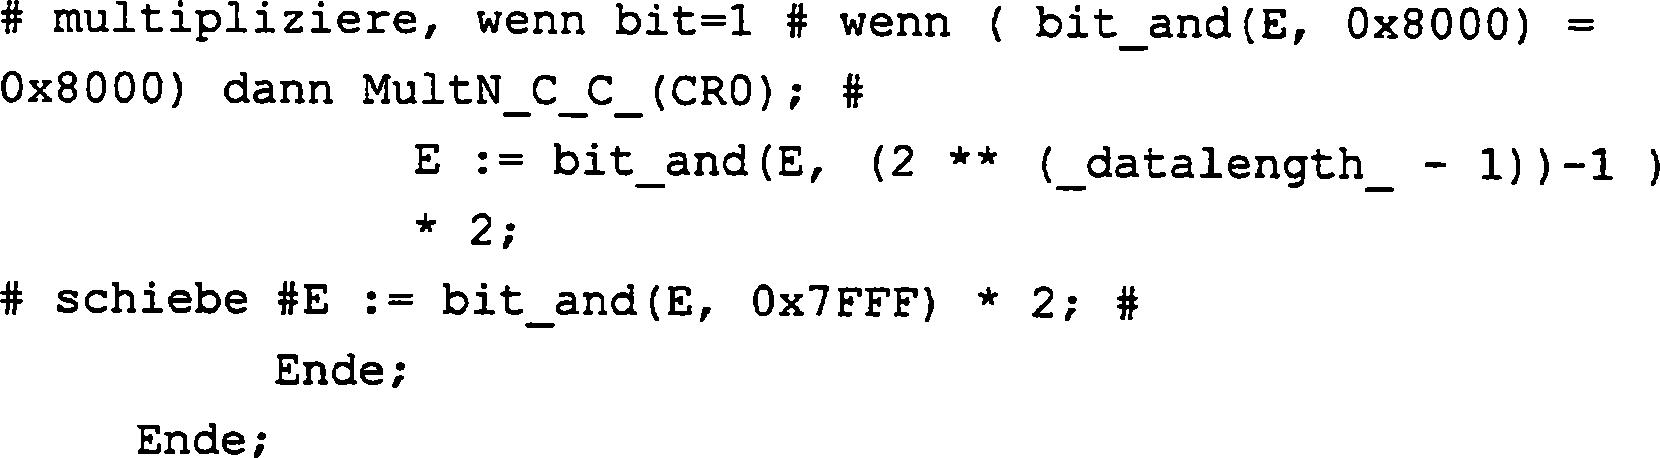 Figure DE102010039273B4_0011